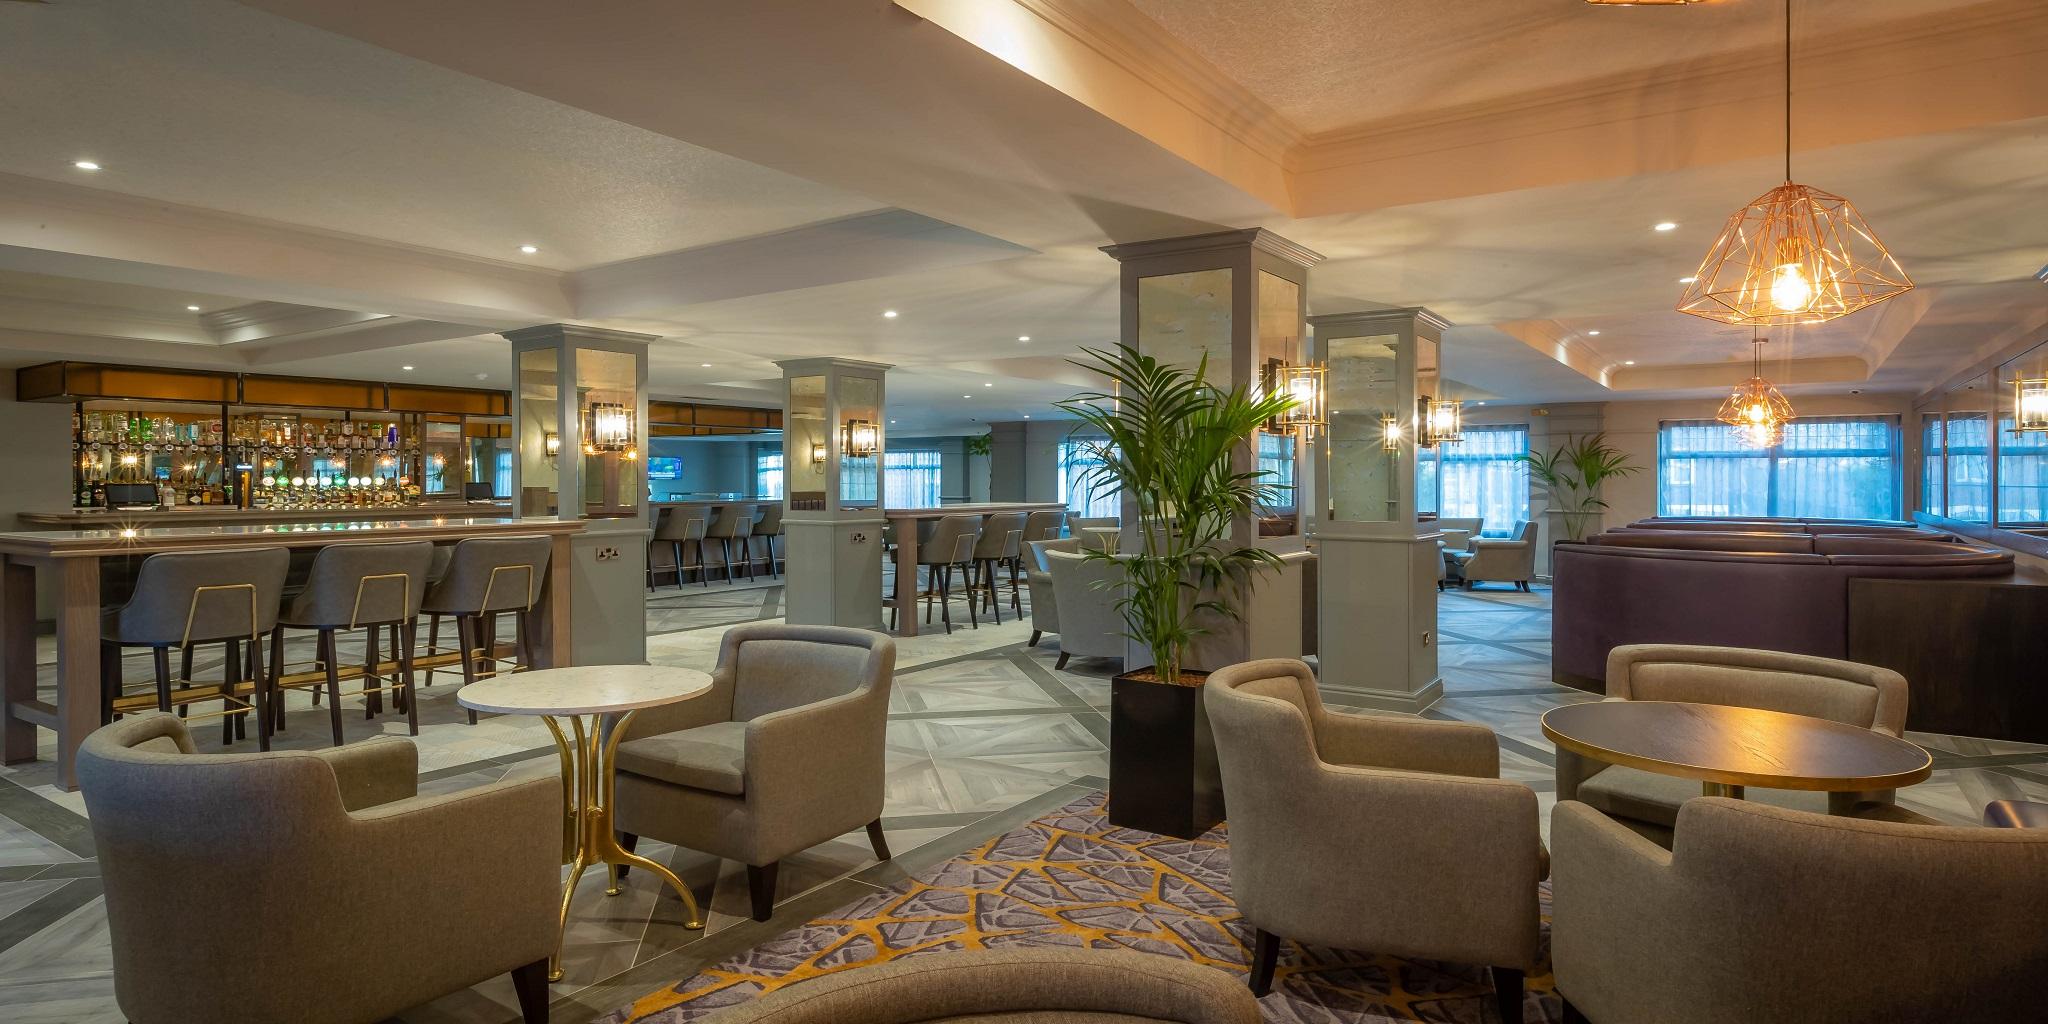 New Maldron Hotel Dublin